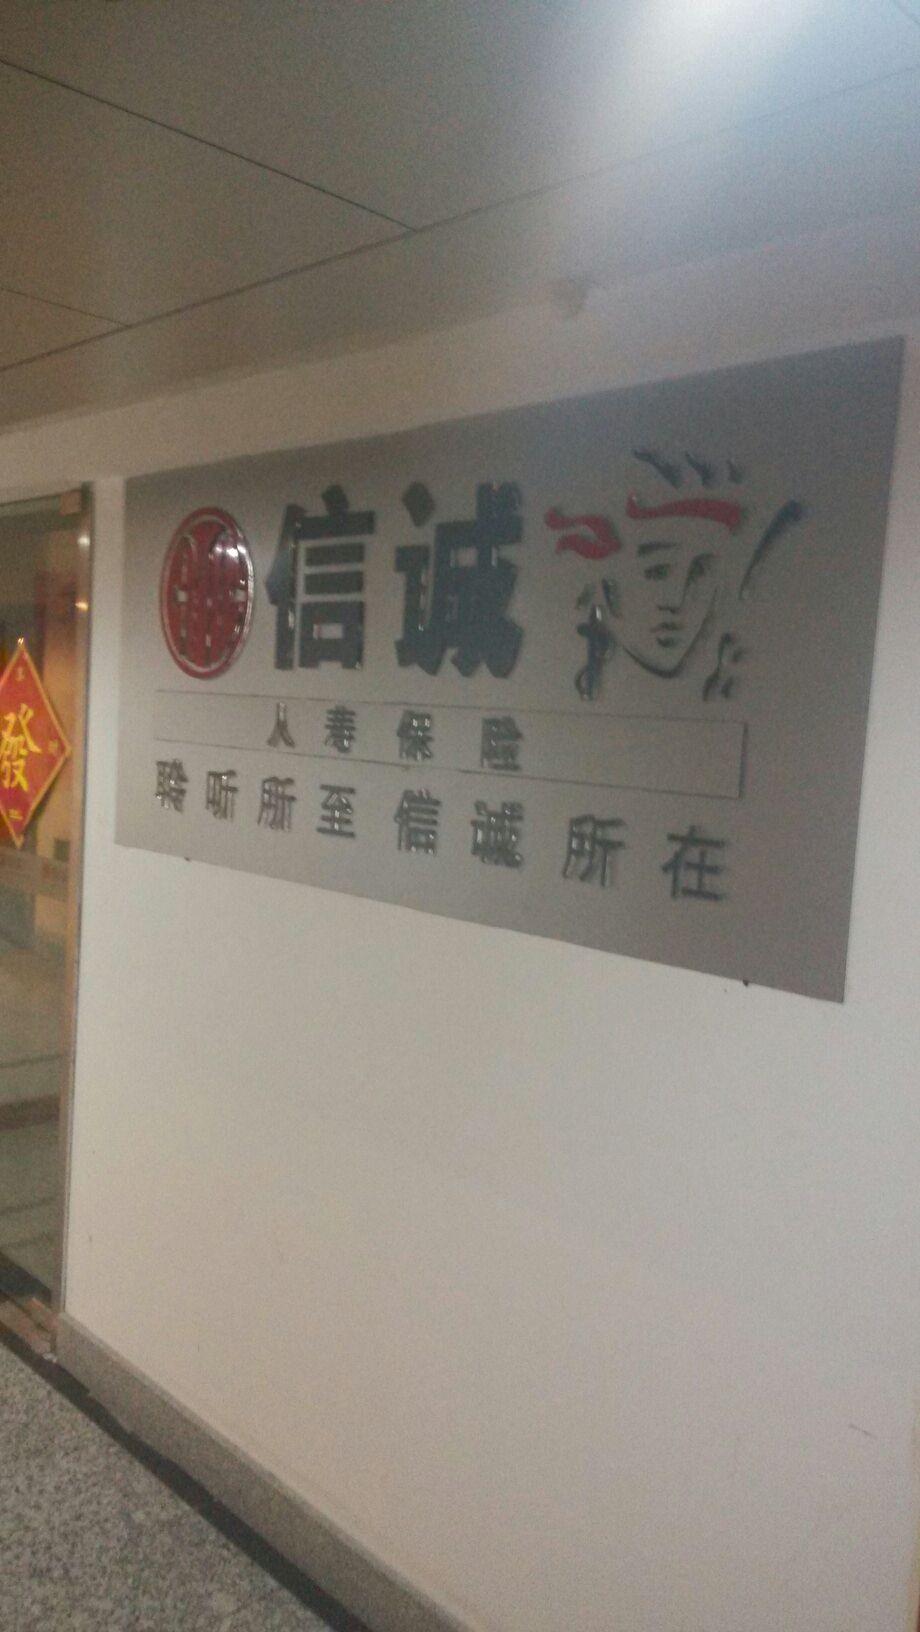 信诚人寿保险(南京营销服务部)